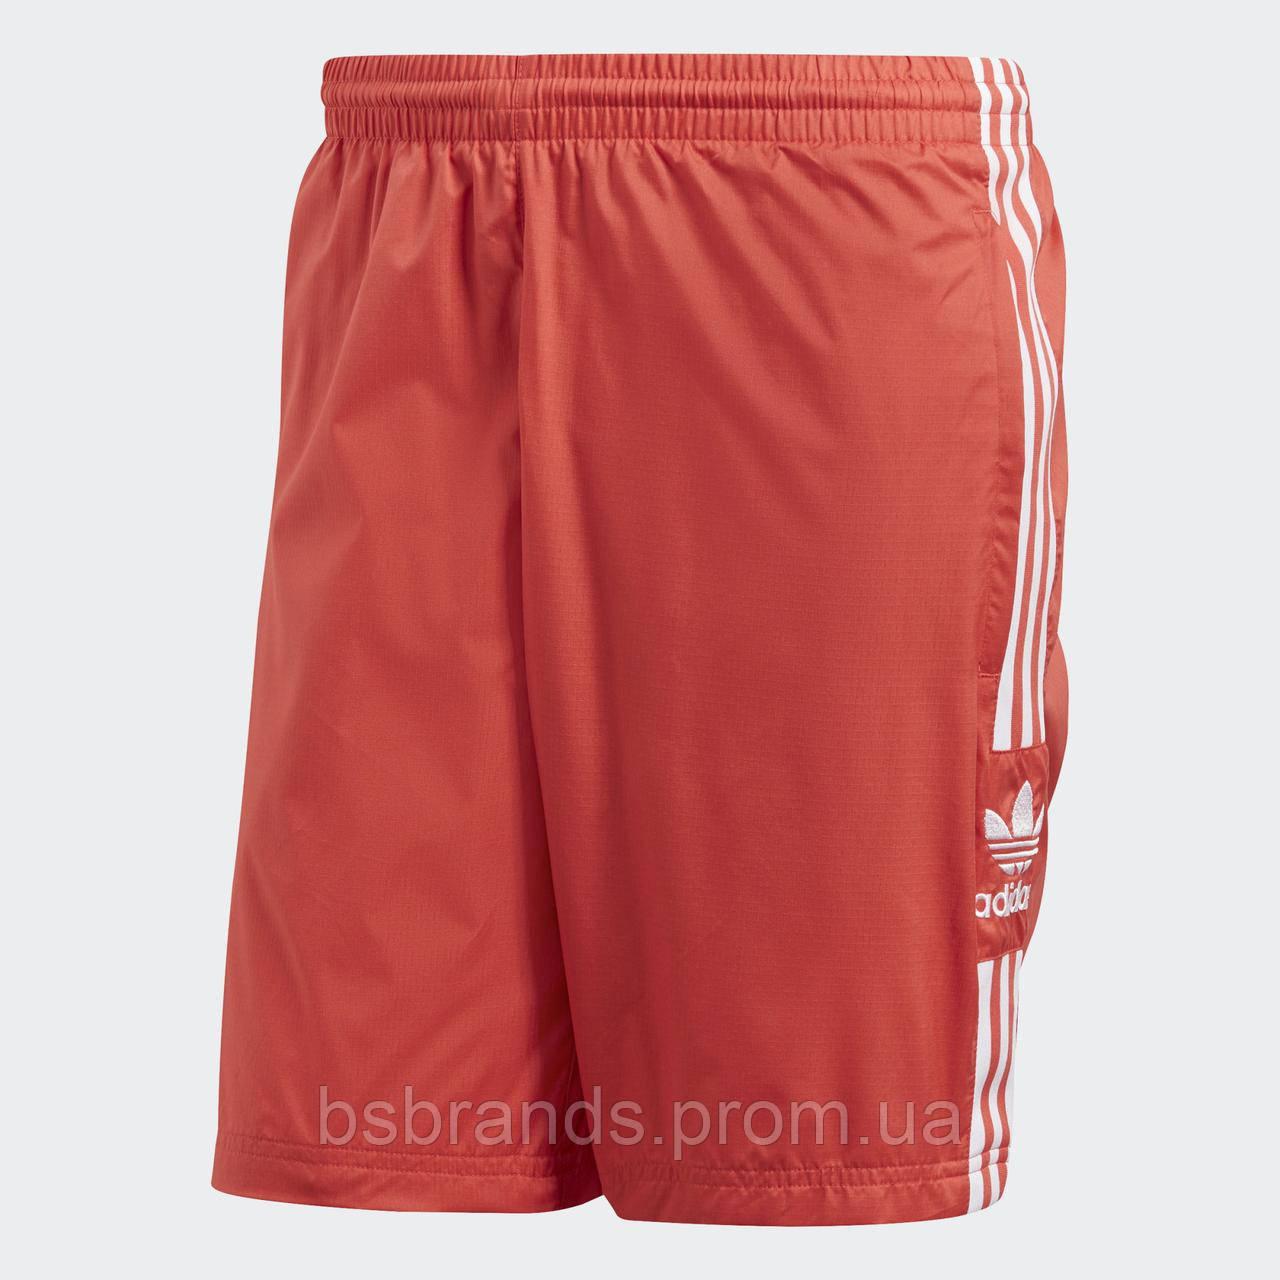 Мужские плавательные шорты adidas FM9887 (2020/1)